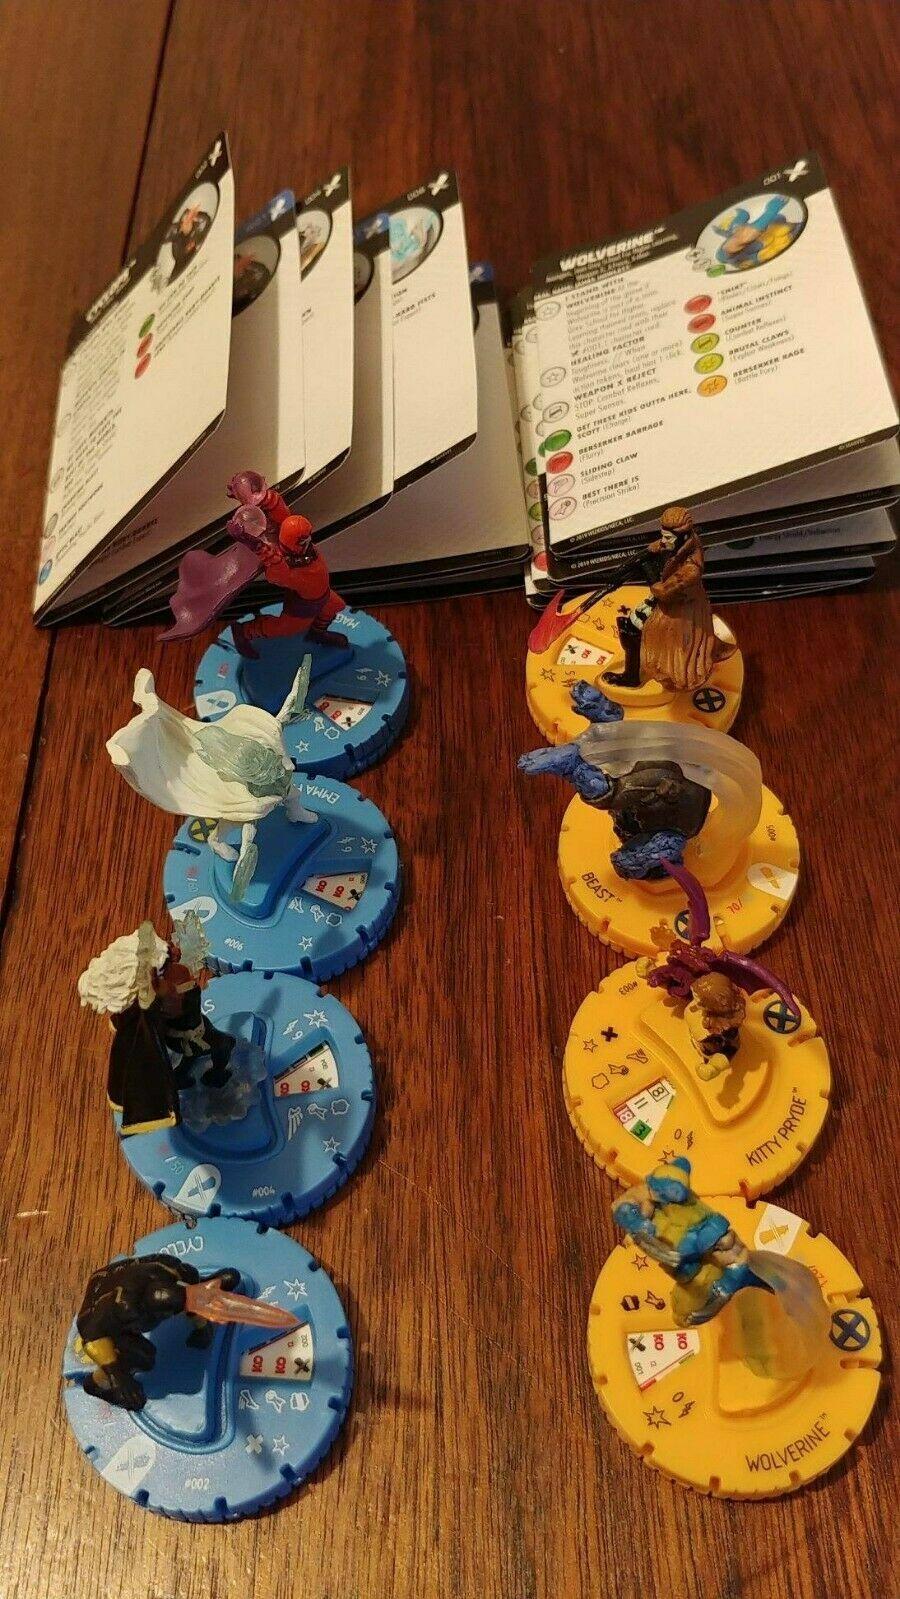 Heroclix X-Men Regenesis Storyline OP Complete 8 Figure Common Set 001-008